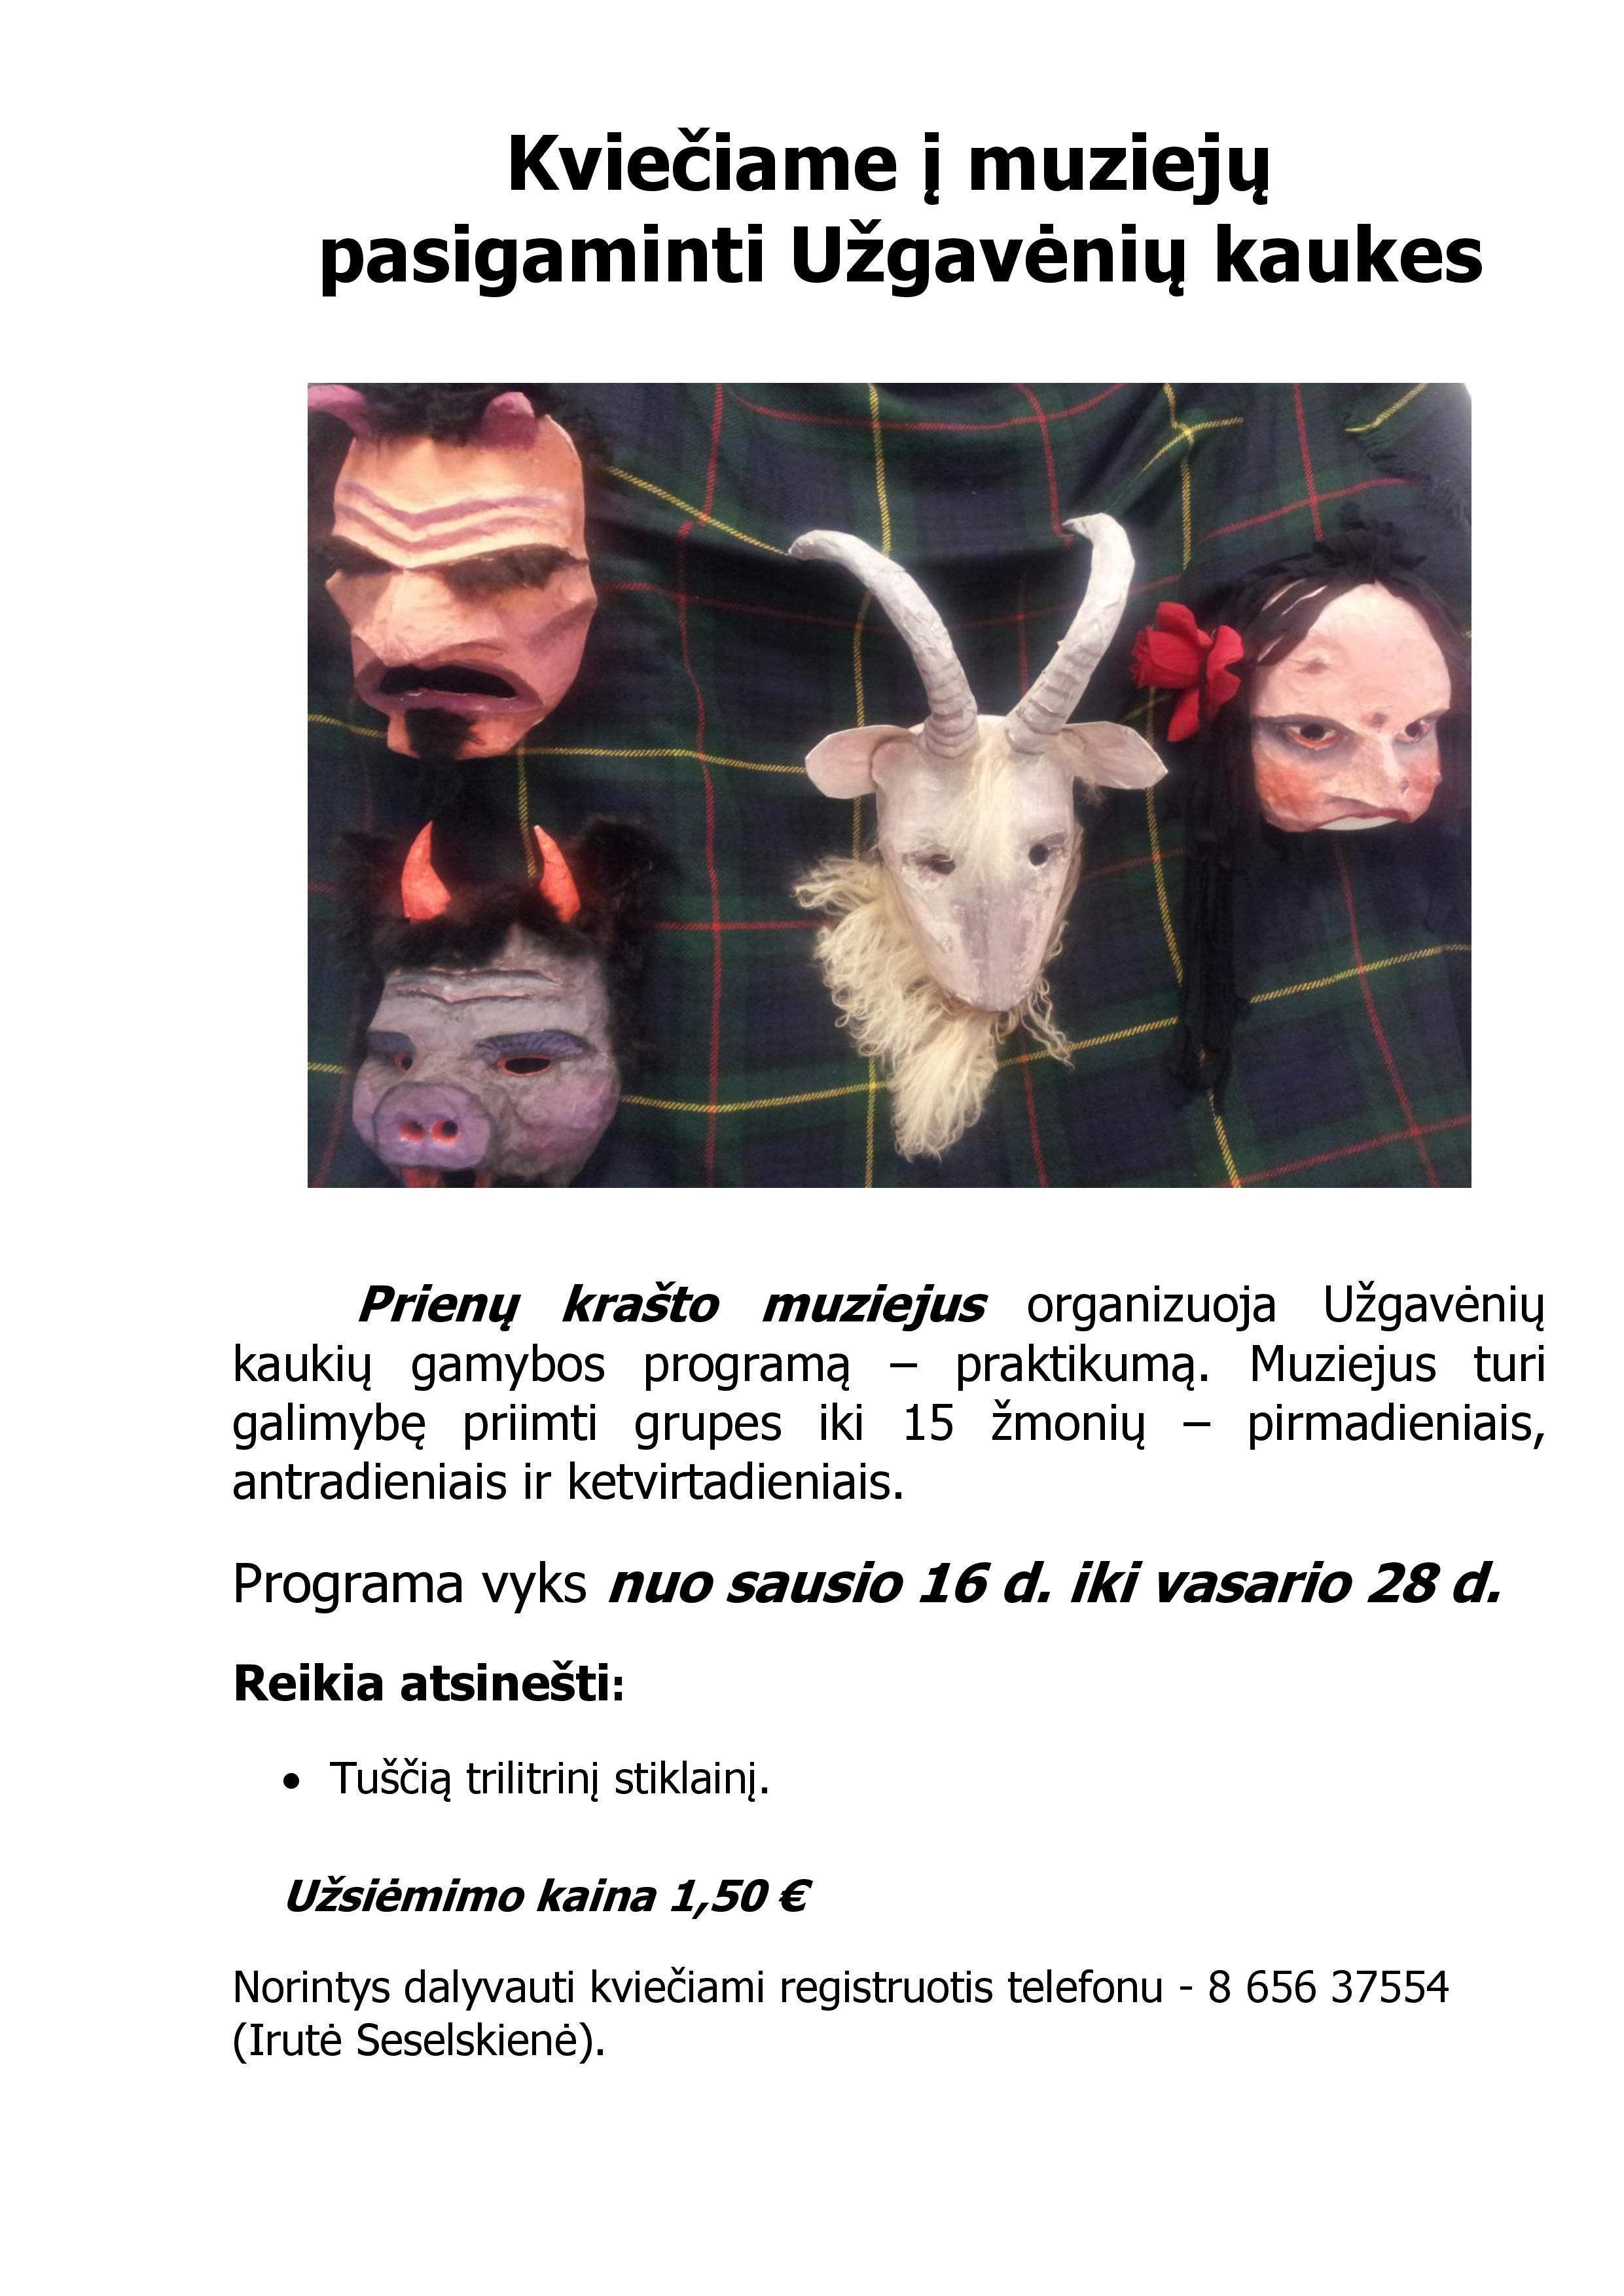 uzgaveniu_kaukes_2017-page-001